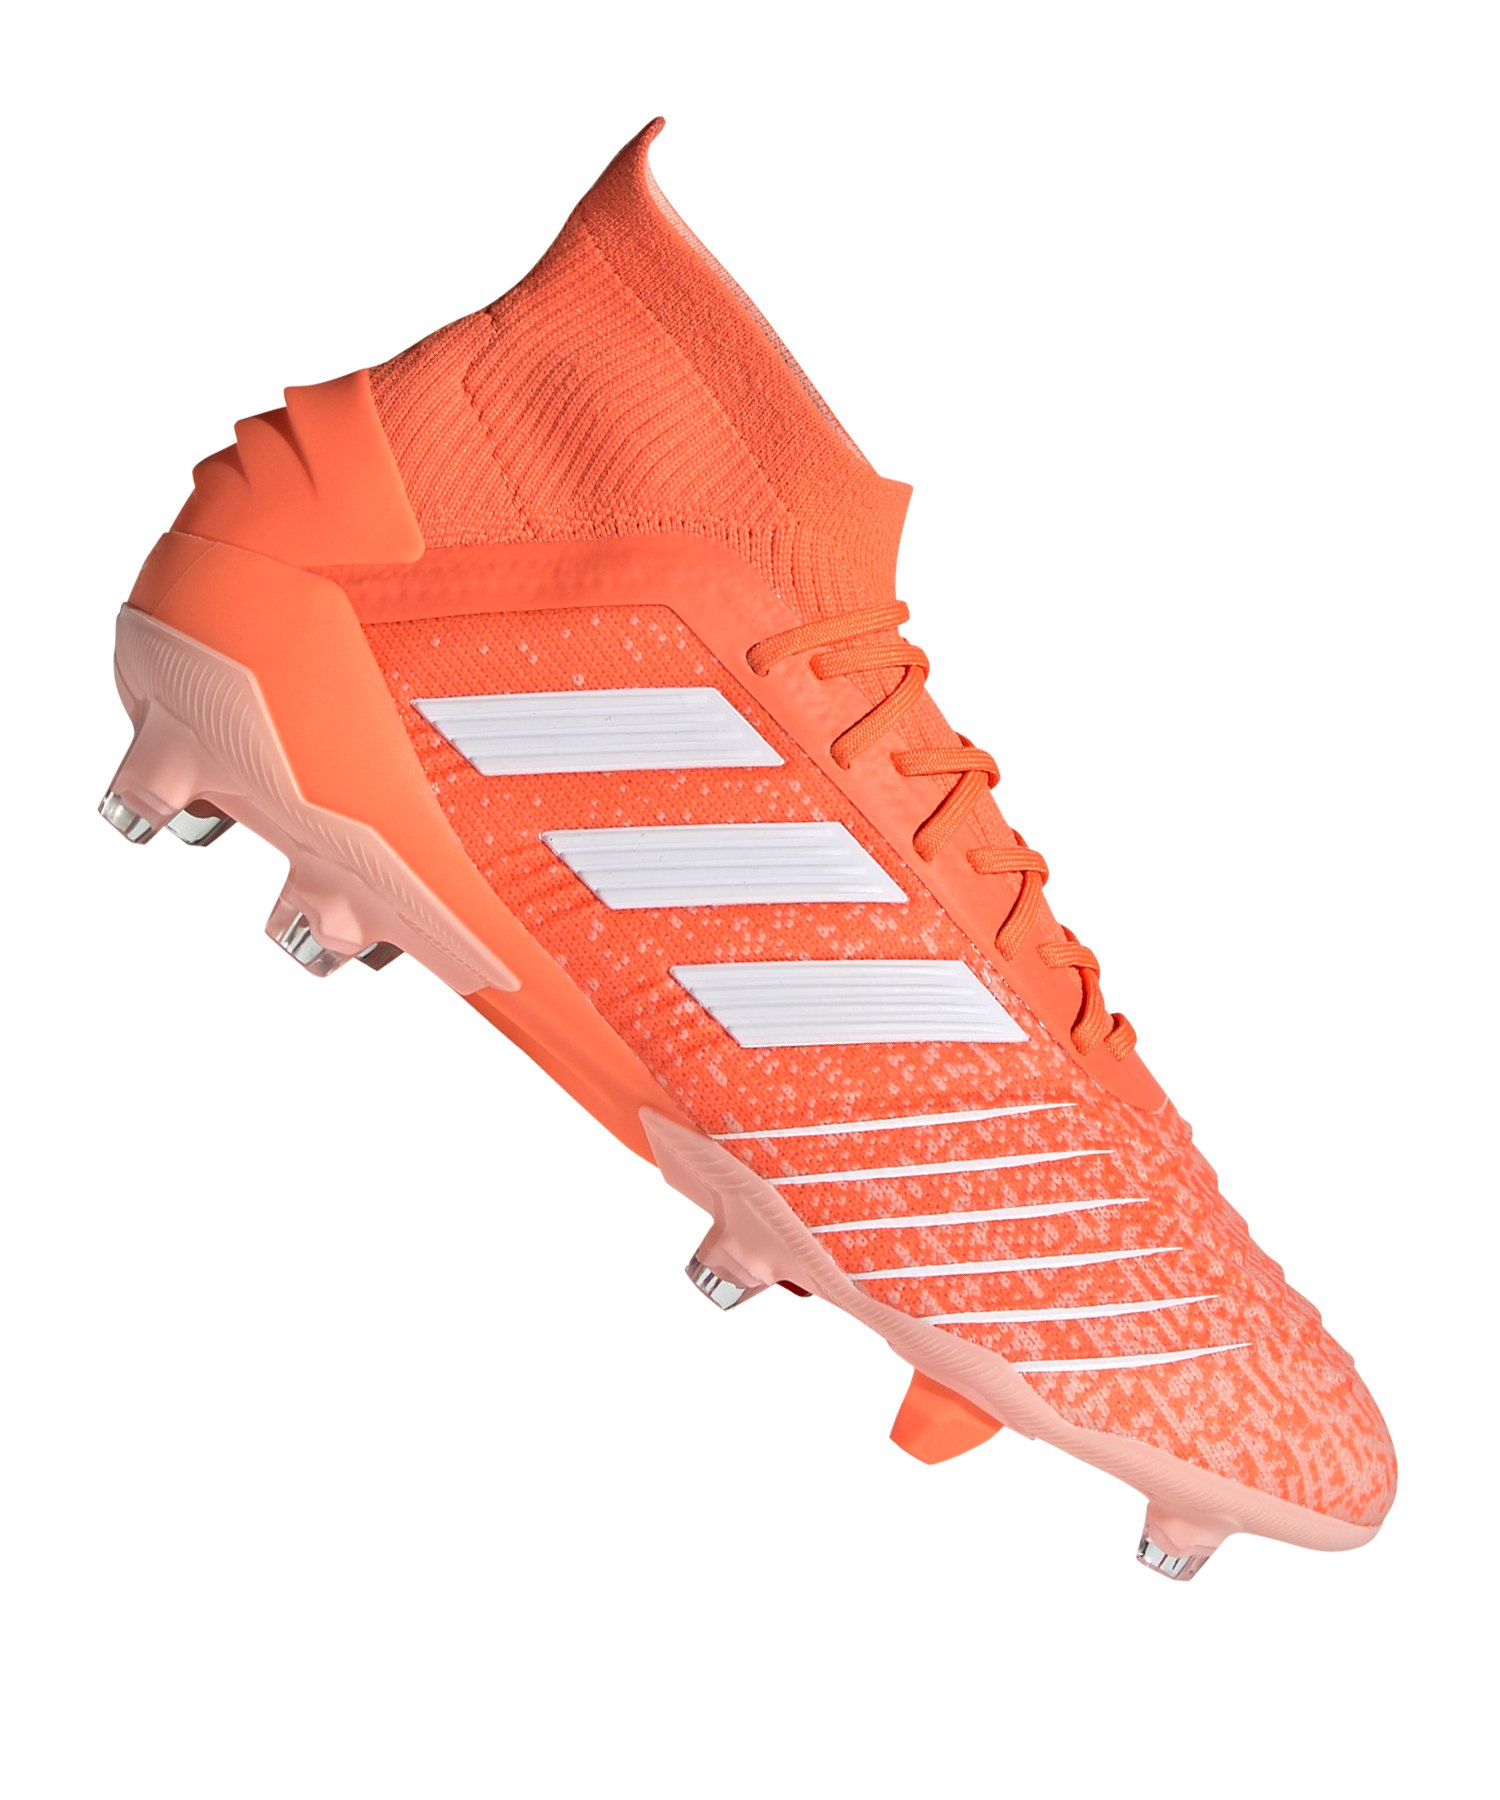 Orange 19 1 Fg Damen Predator Weiss Adidas SMVzpqU